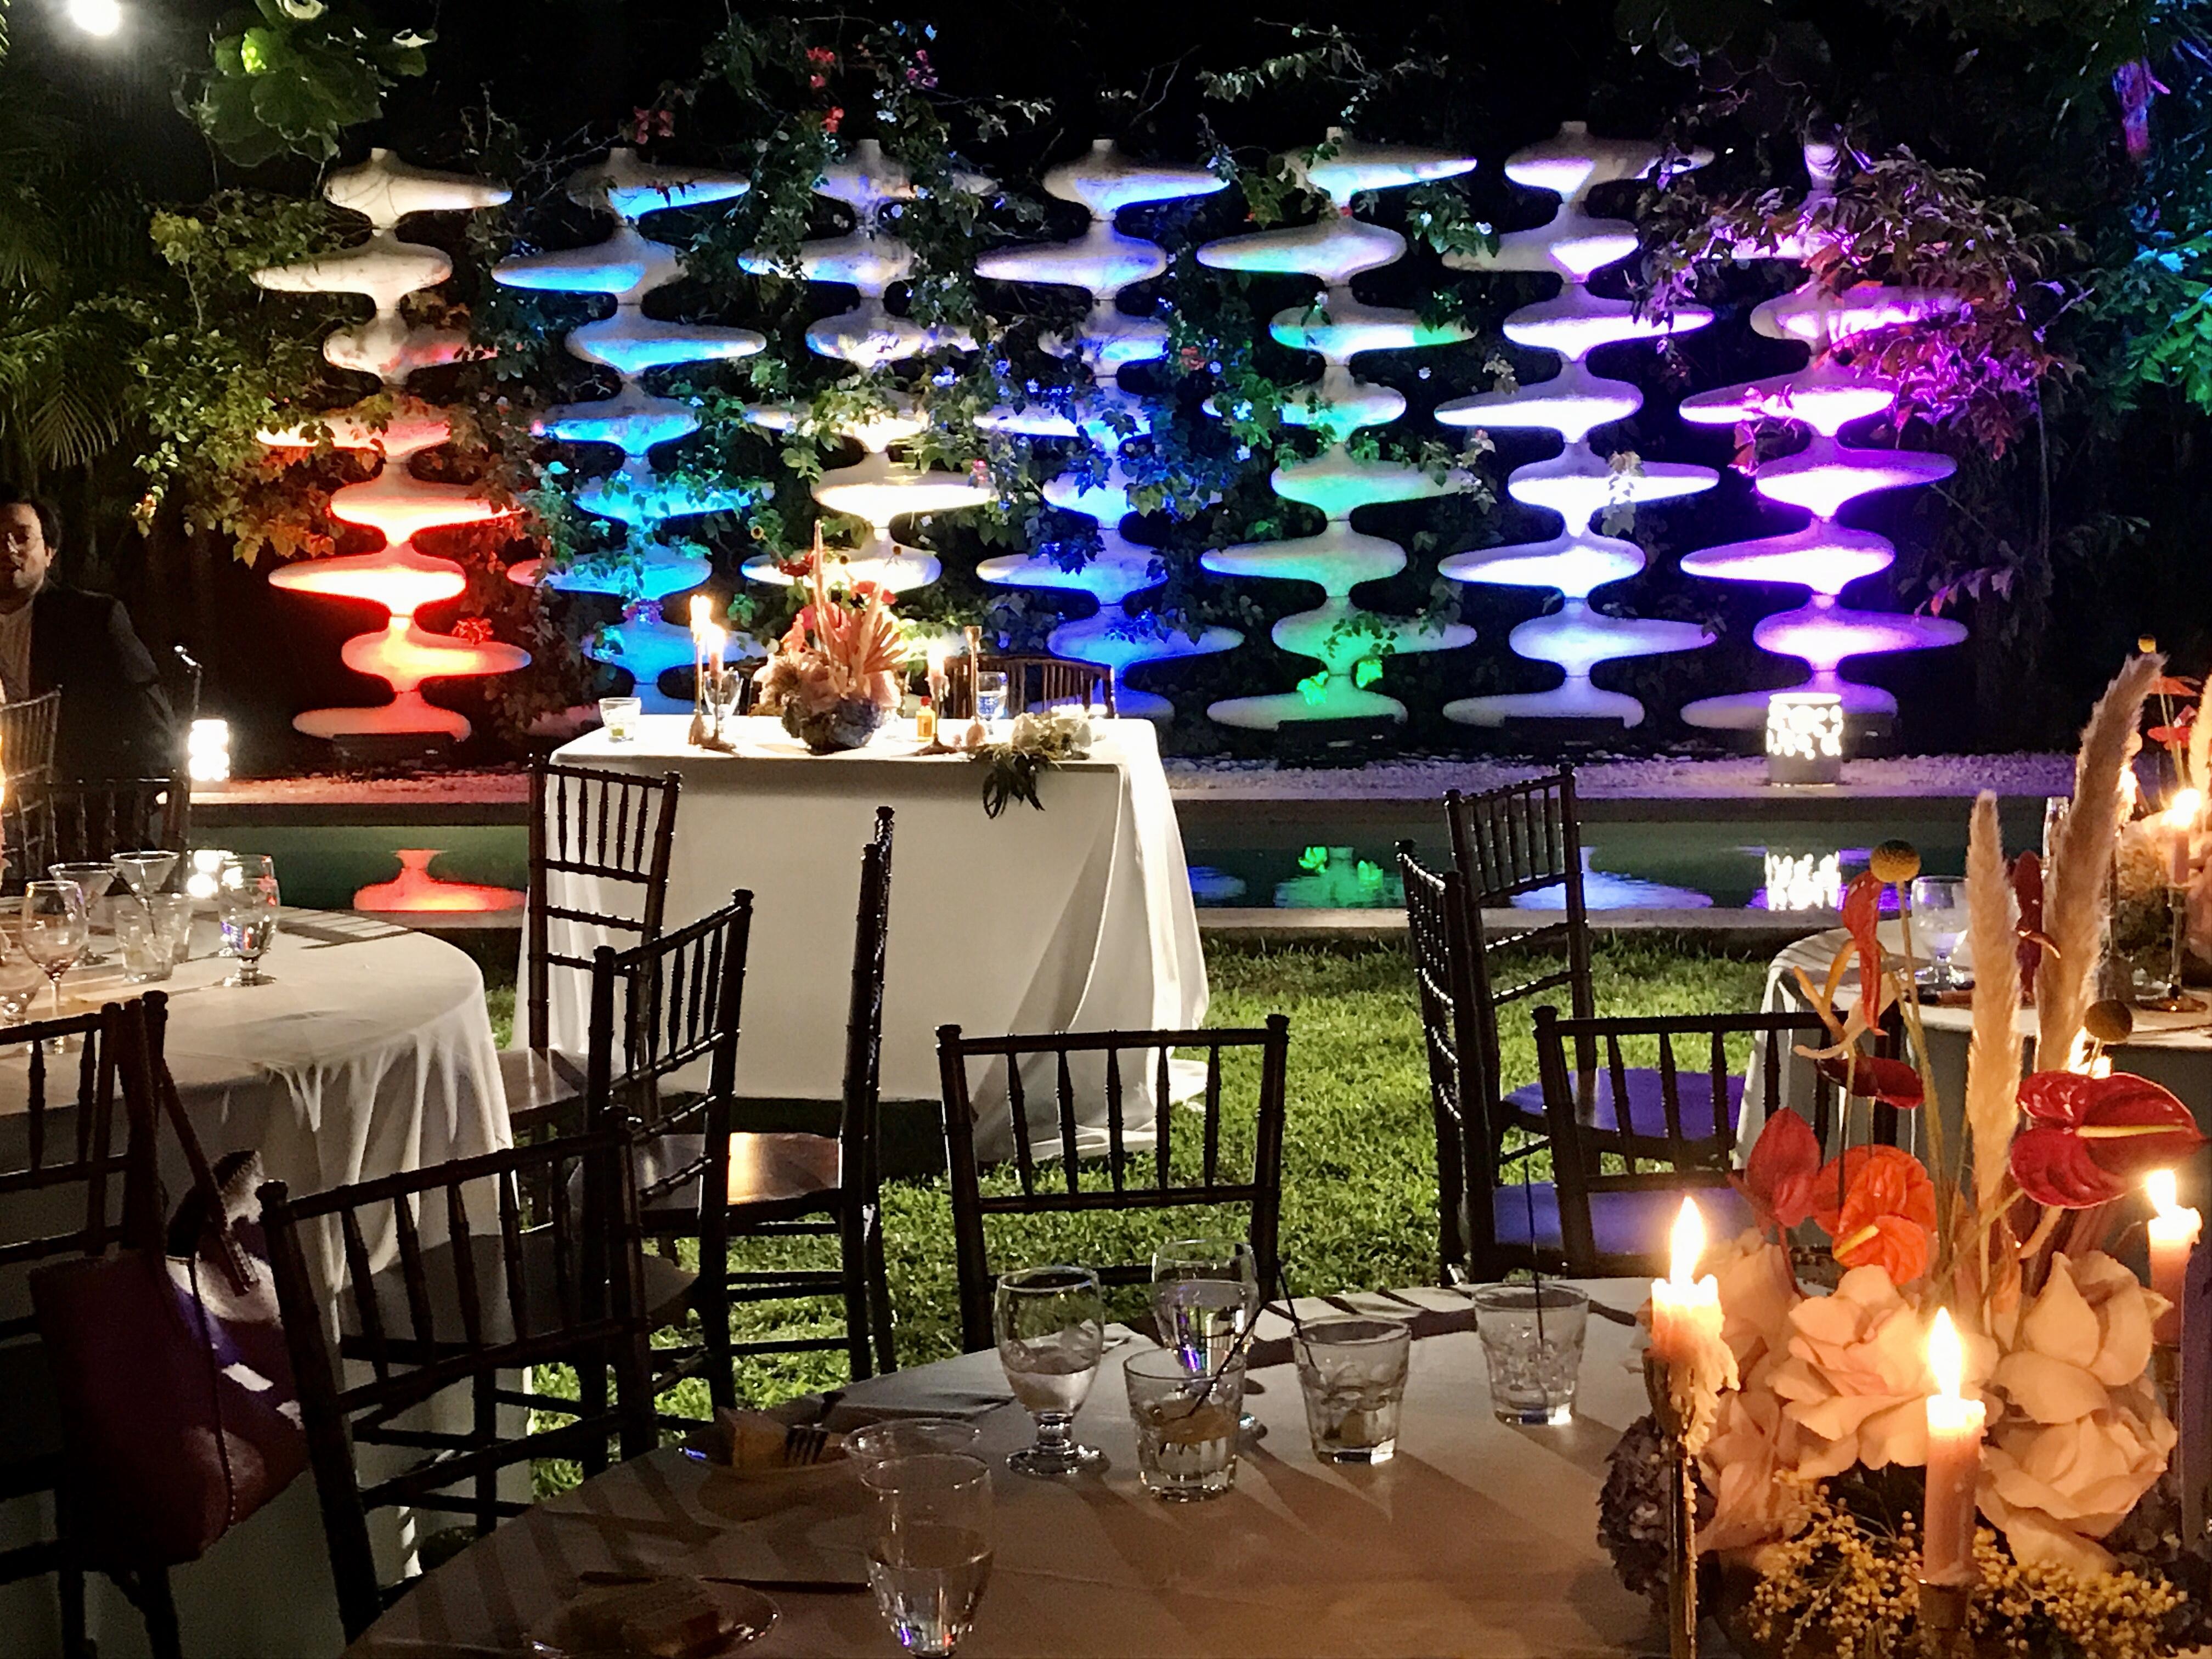 Lighting, wedding, newlywed table, The M Building Wynwood, Miami, FL